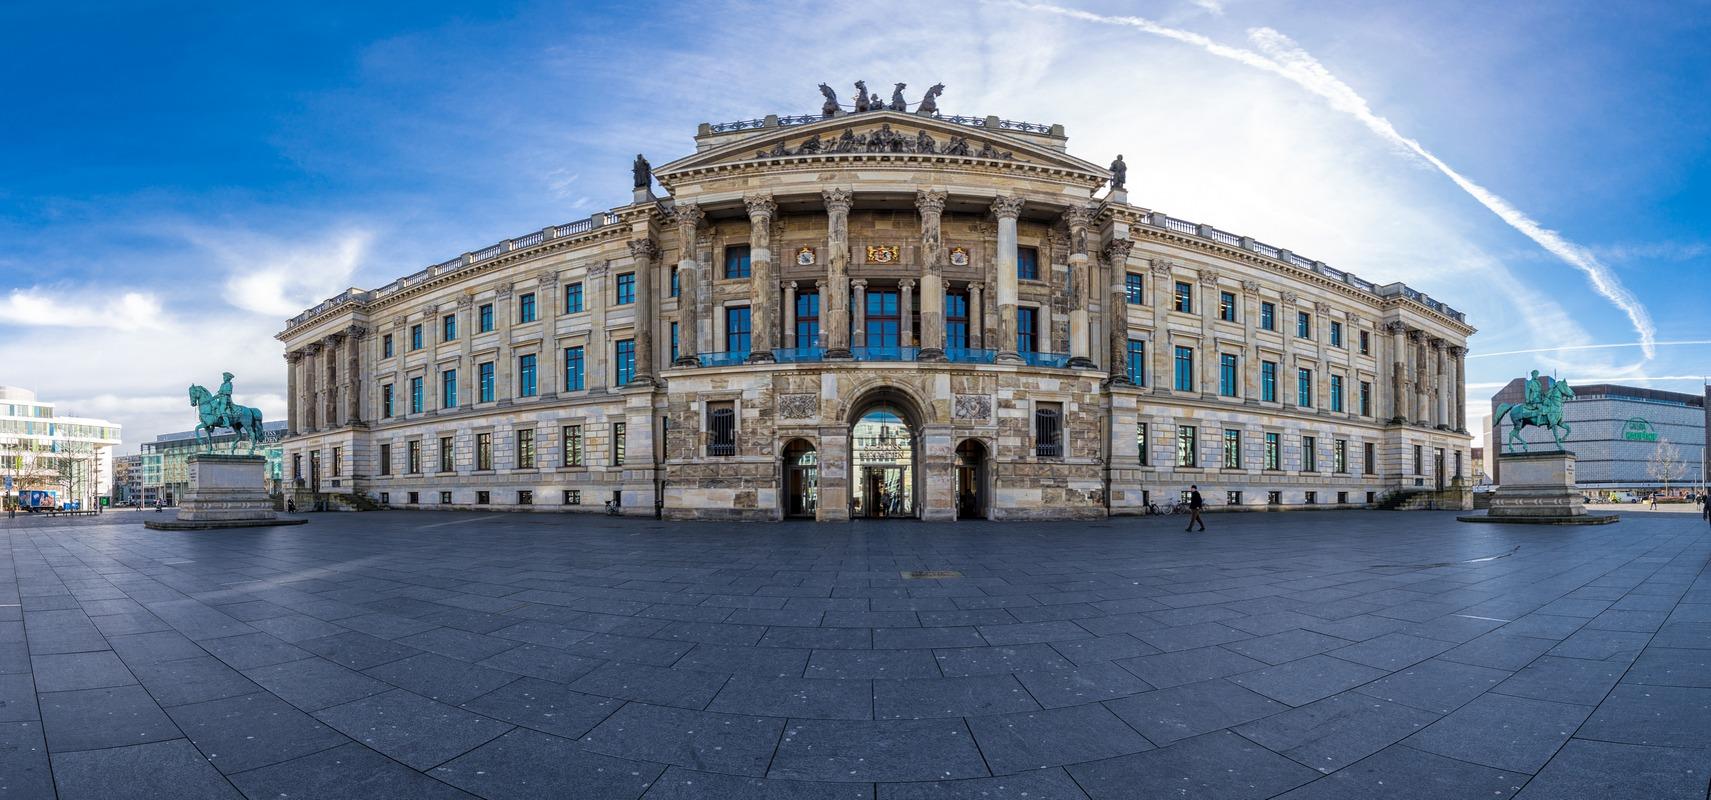 Residenzschloß Braunschweig